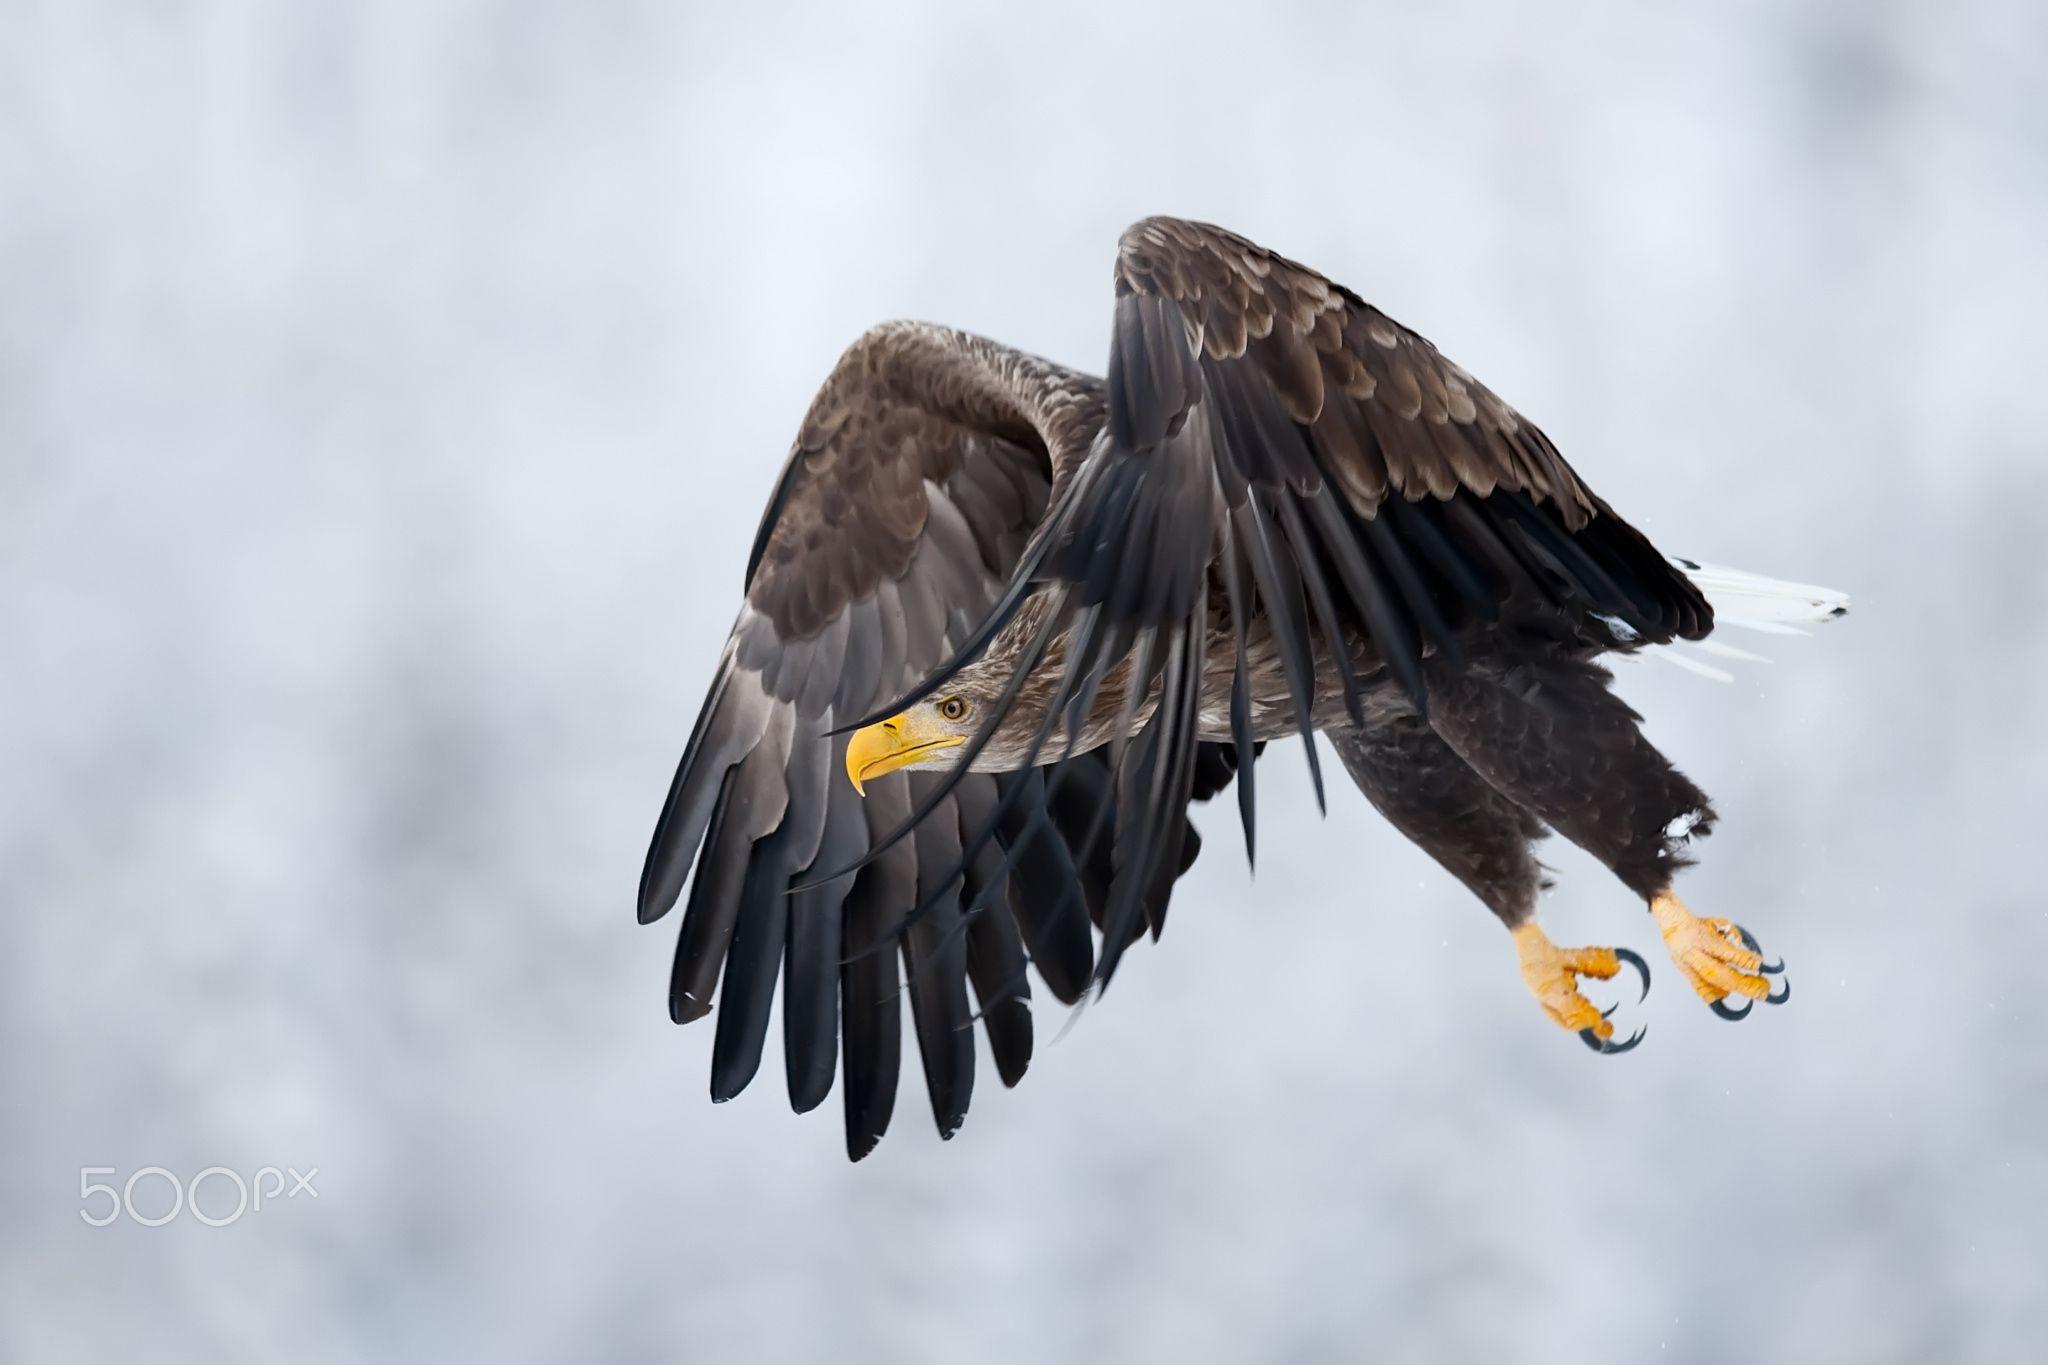 Flying by Alari Kivisaar